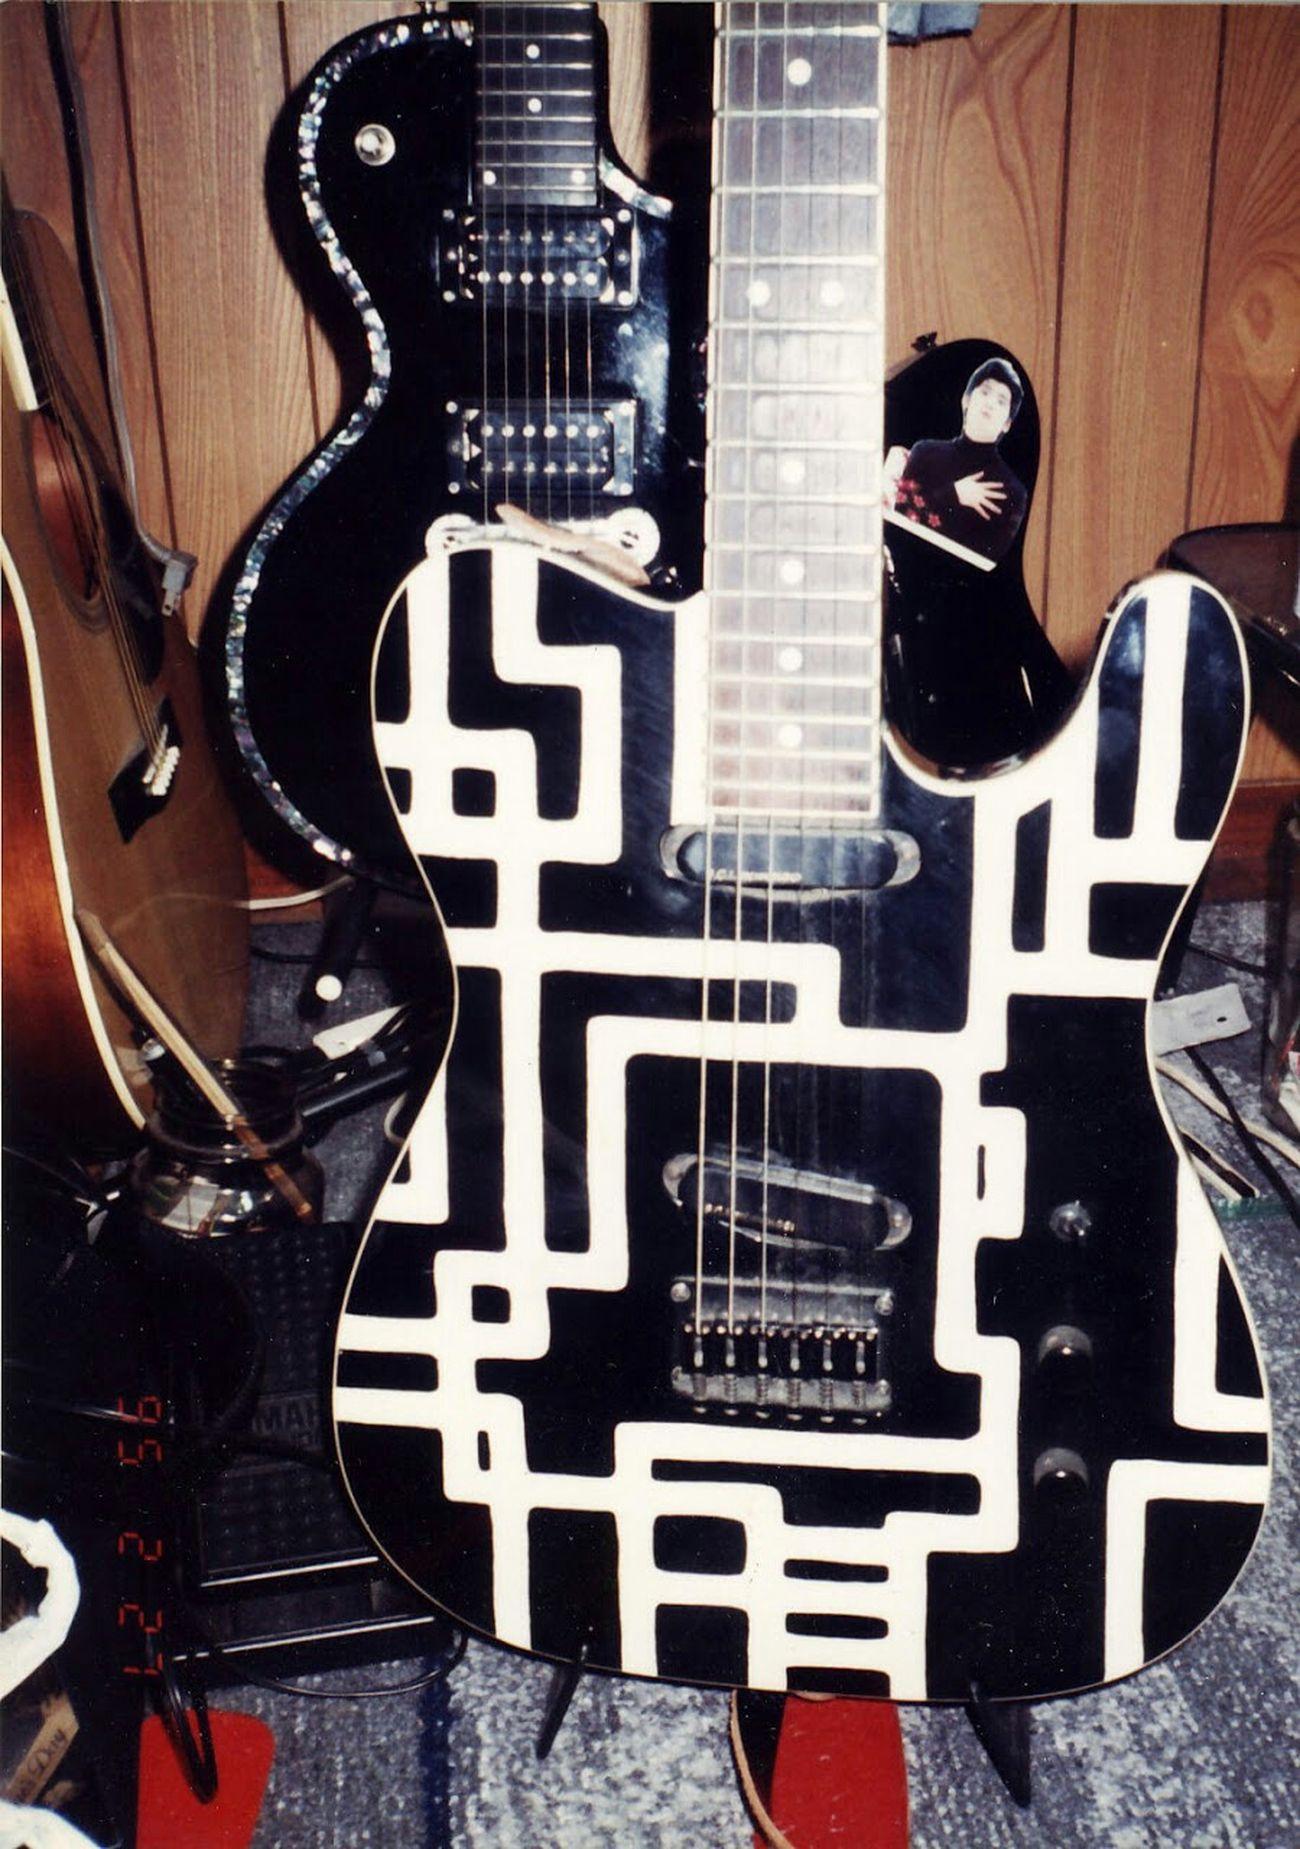 懐かしい写真が出てきました(笑)1995年ってプリントされてる!20年前?! 趣味 Hobby Guitars